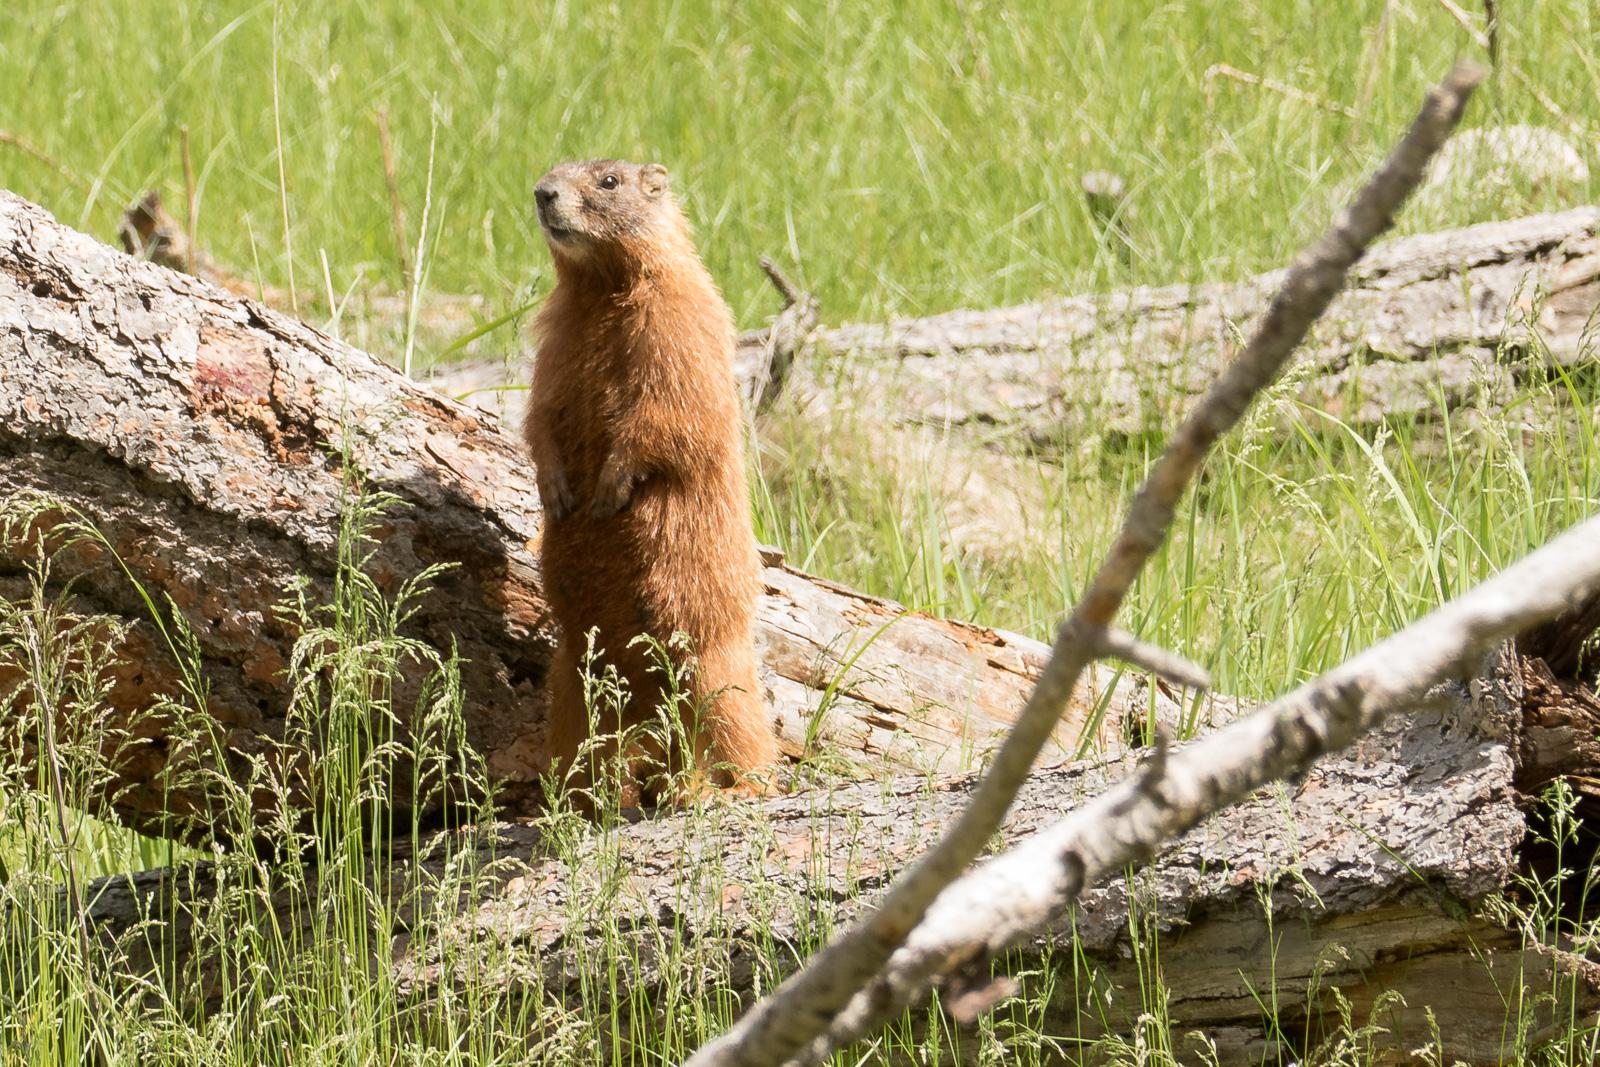 Marmot on alert